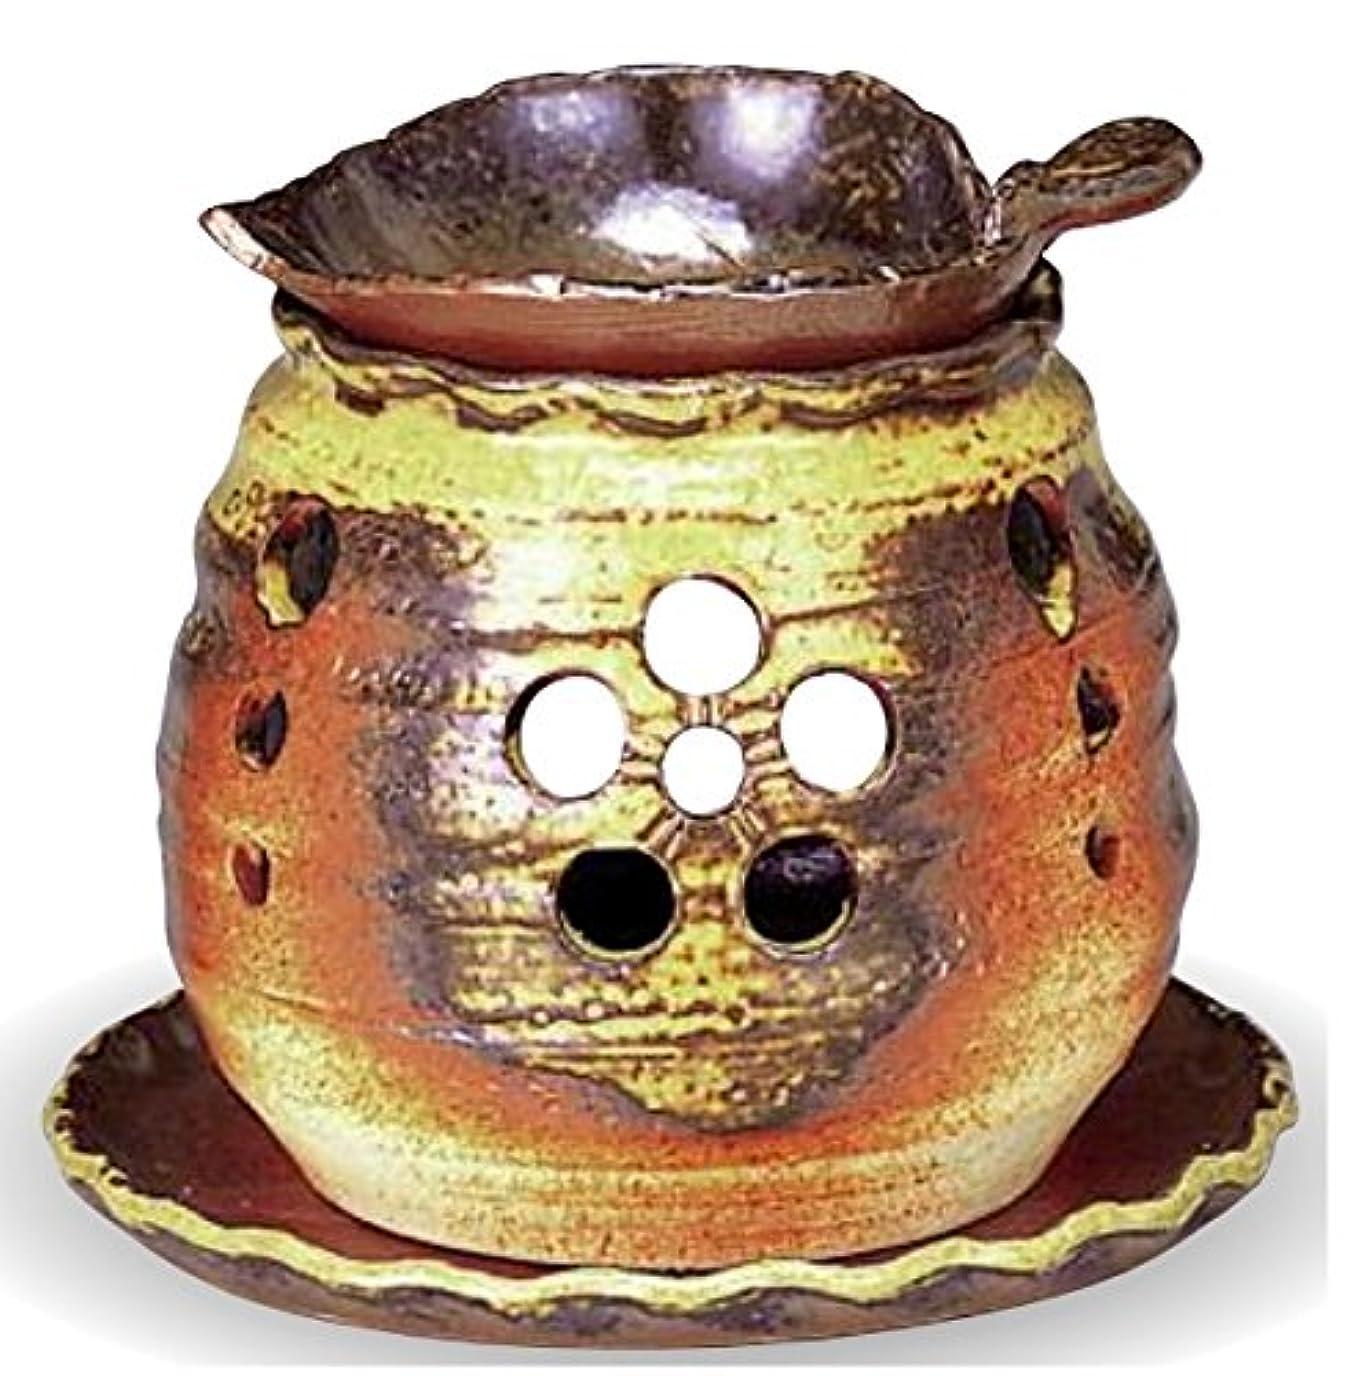 モナリザサドルほうき常滑焼 茶香炉(アロマポット)木ノ葉皿 径10×高さ10.5cm